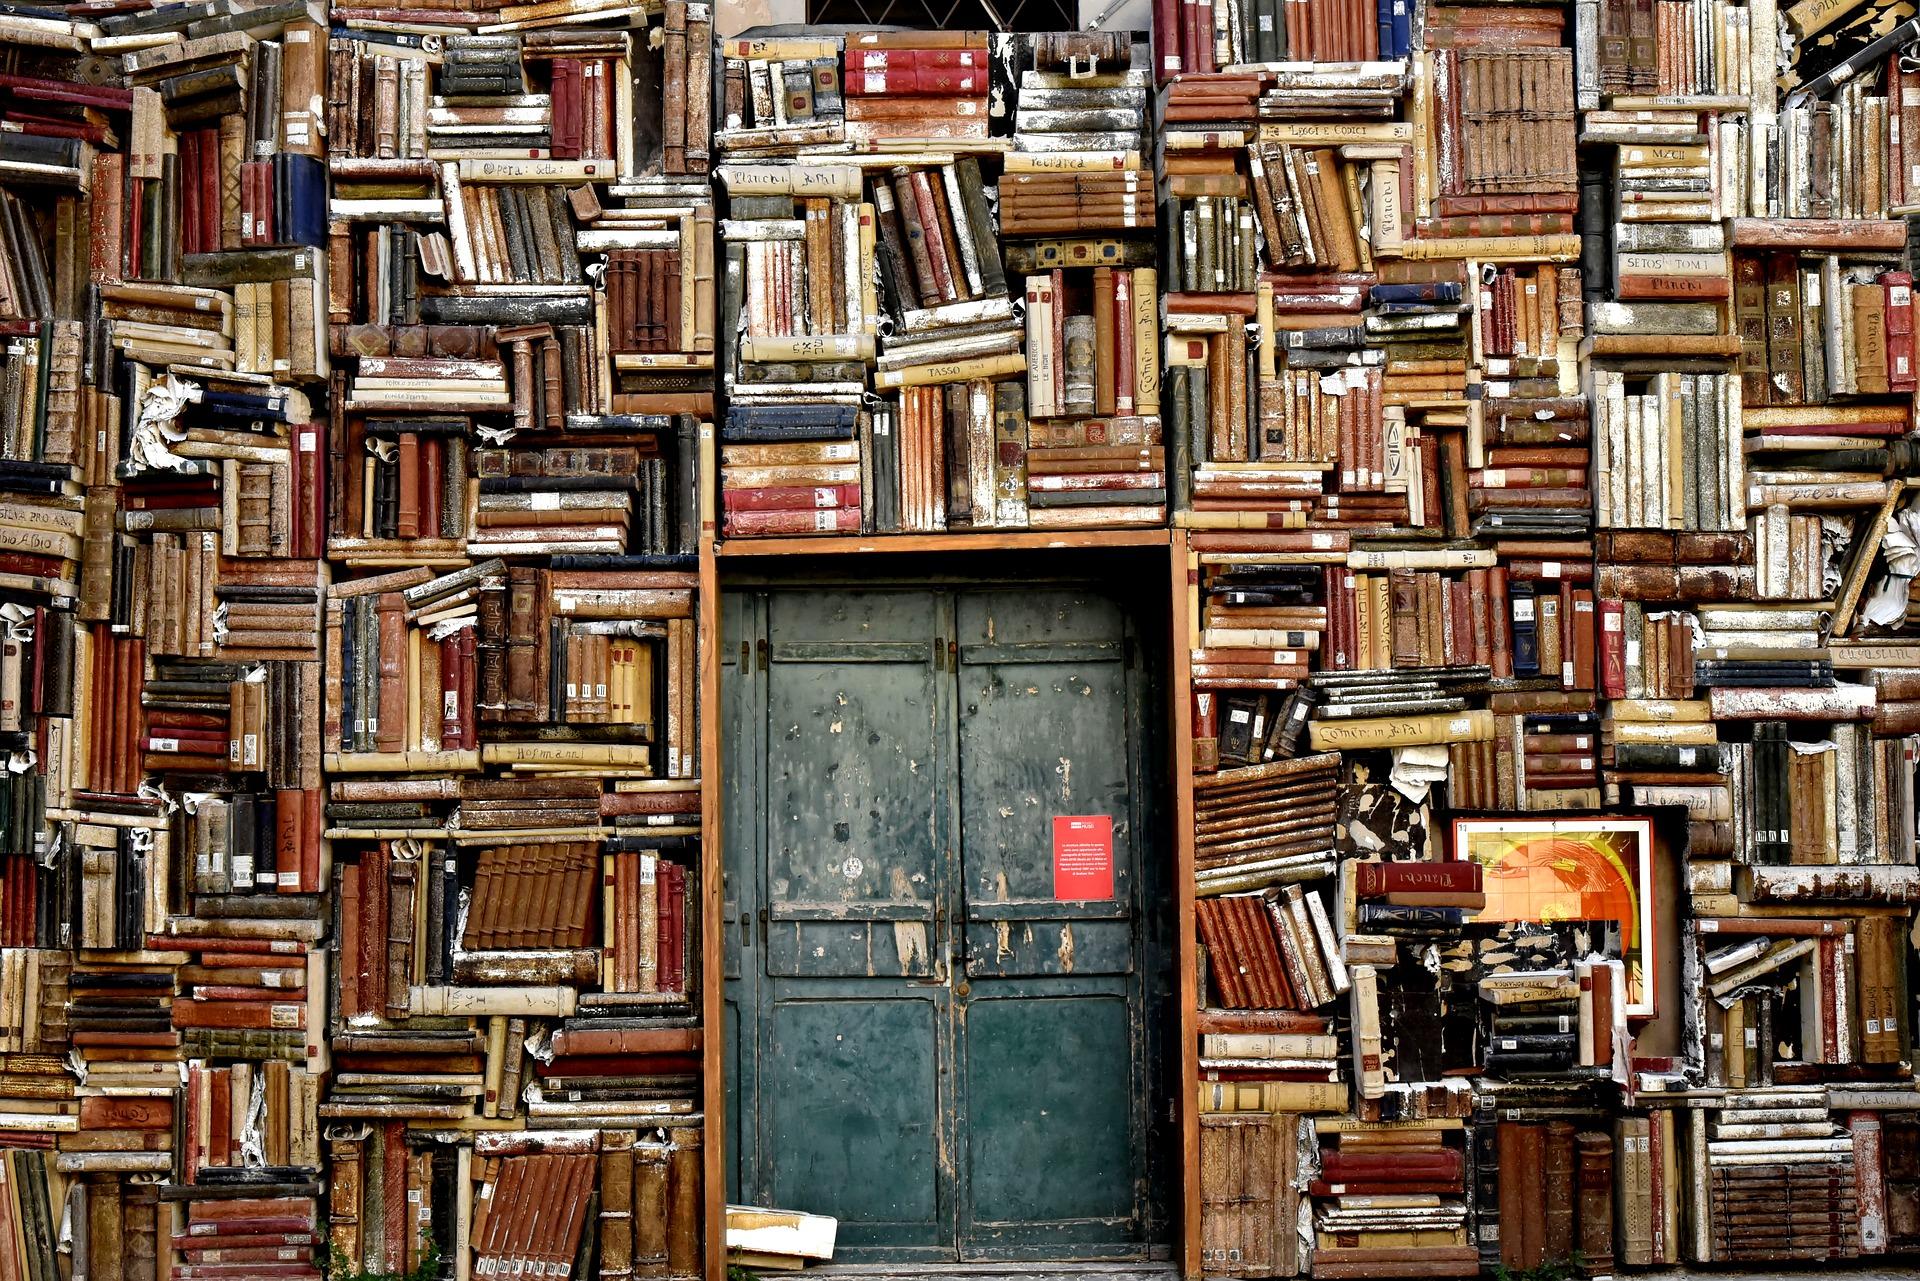 Livres recouvrant un mur entier